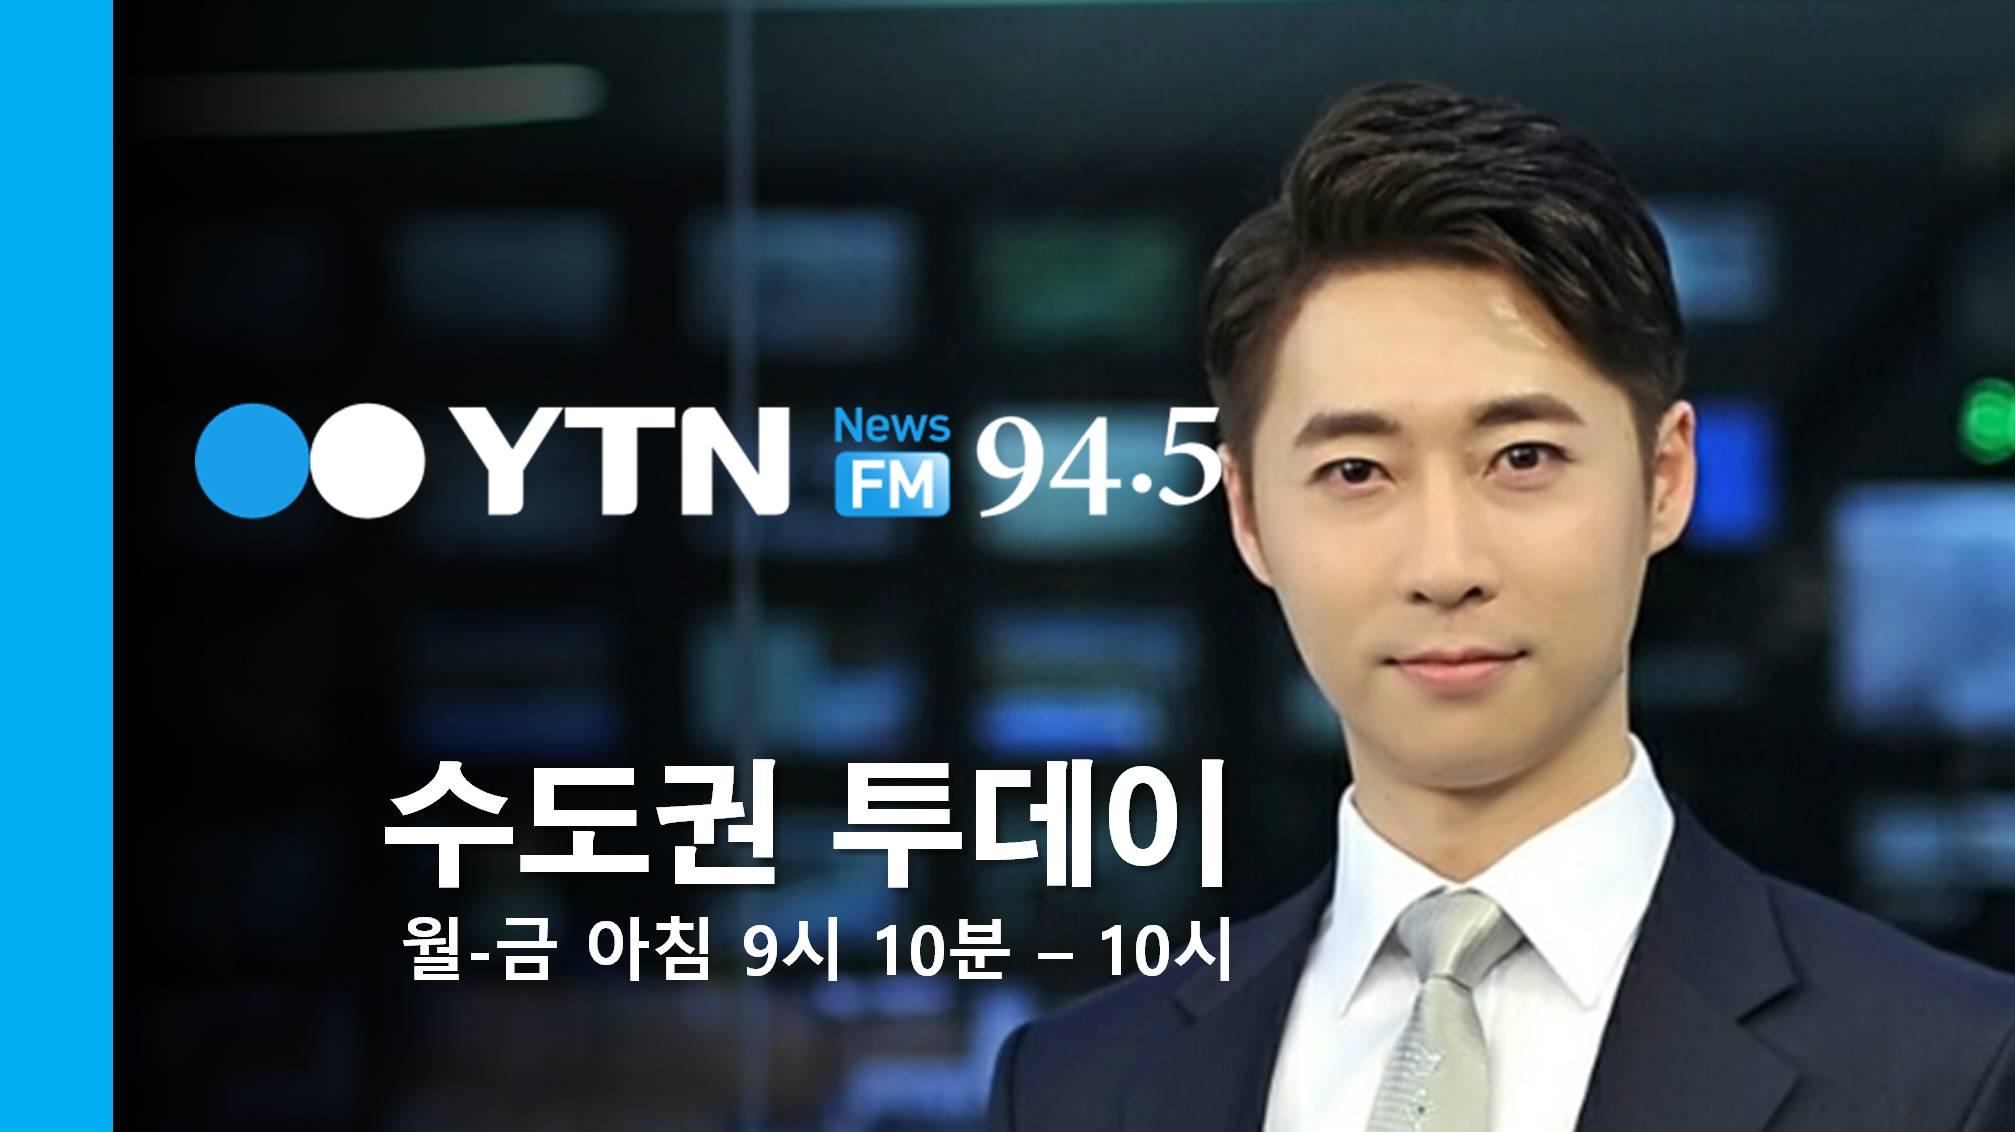 [수도권] 국과수, 아이폰 정밀검사 실시... 소송에 어떤 영향?